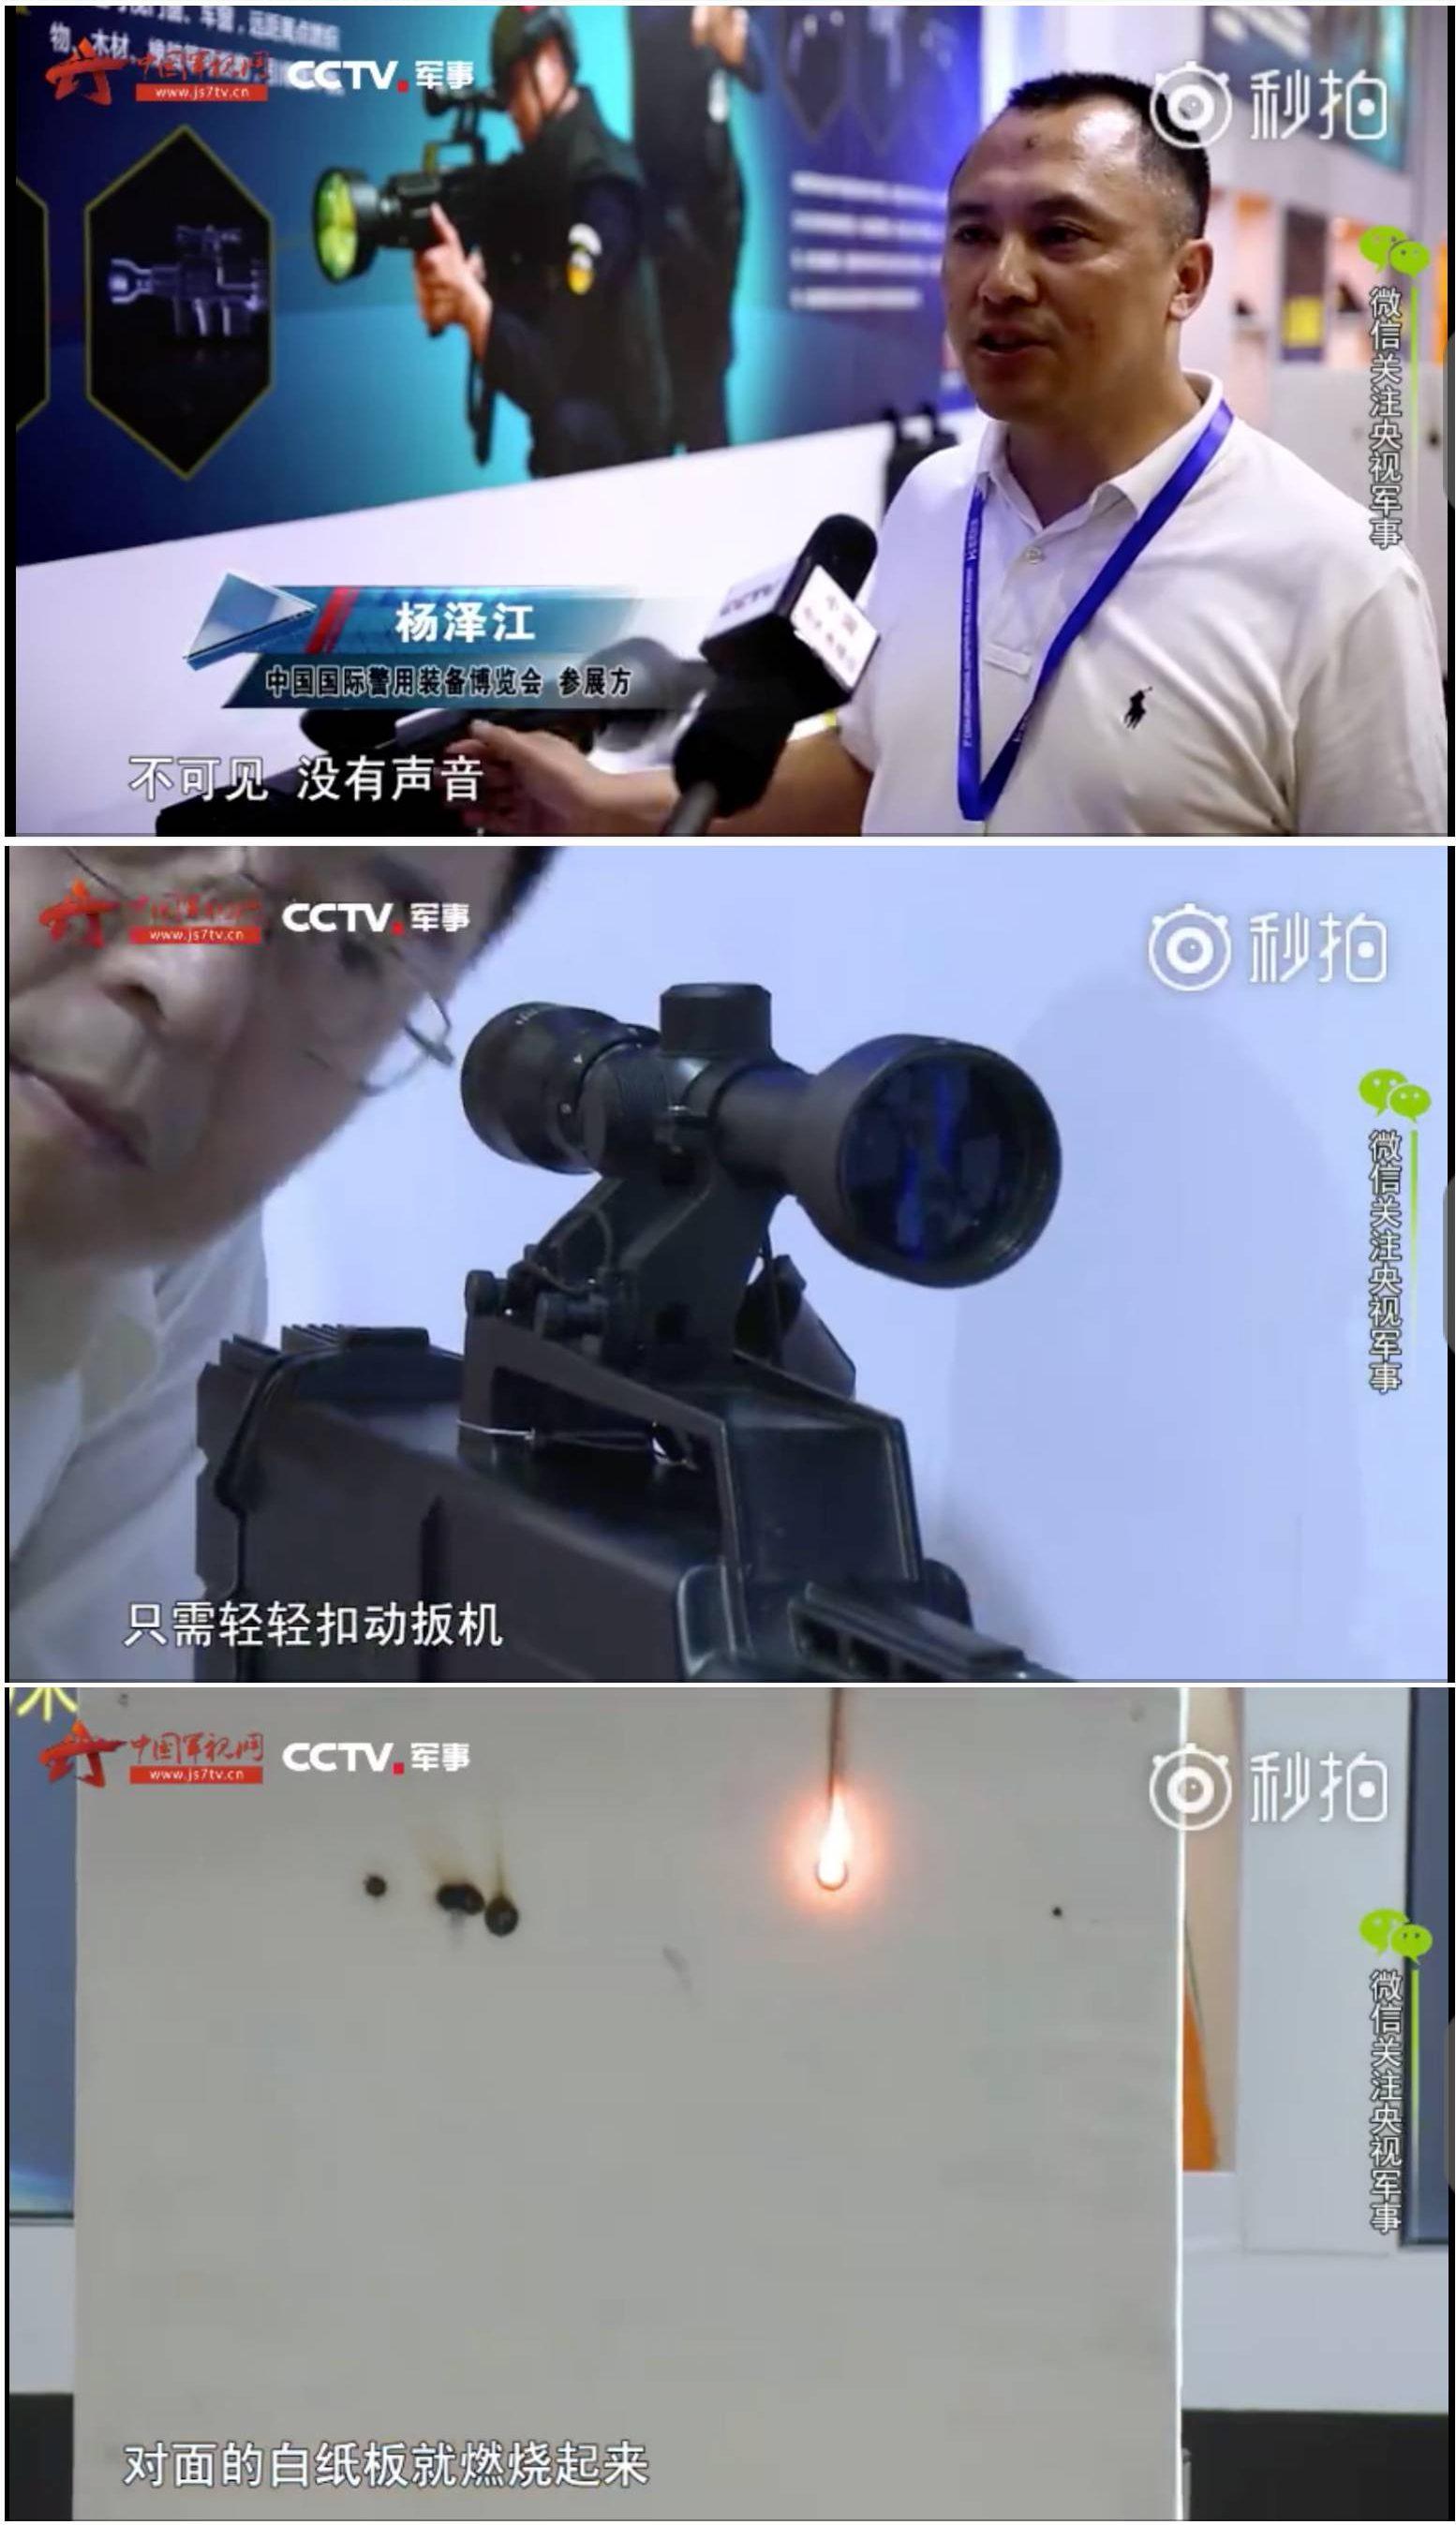 【网络民议】激光武器,烧毁横幅?厉害了我的国